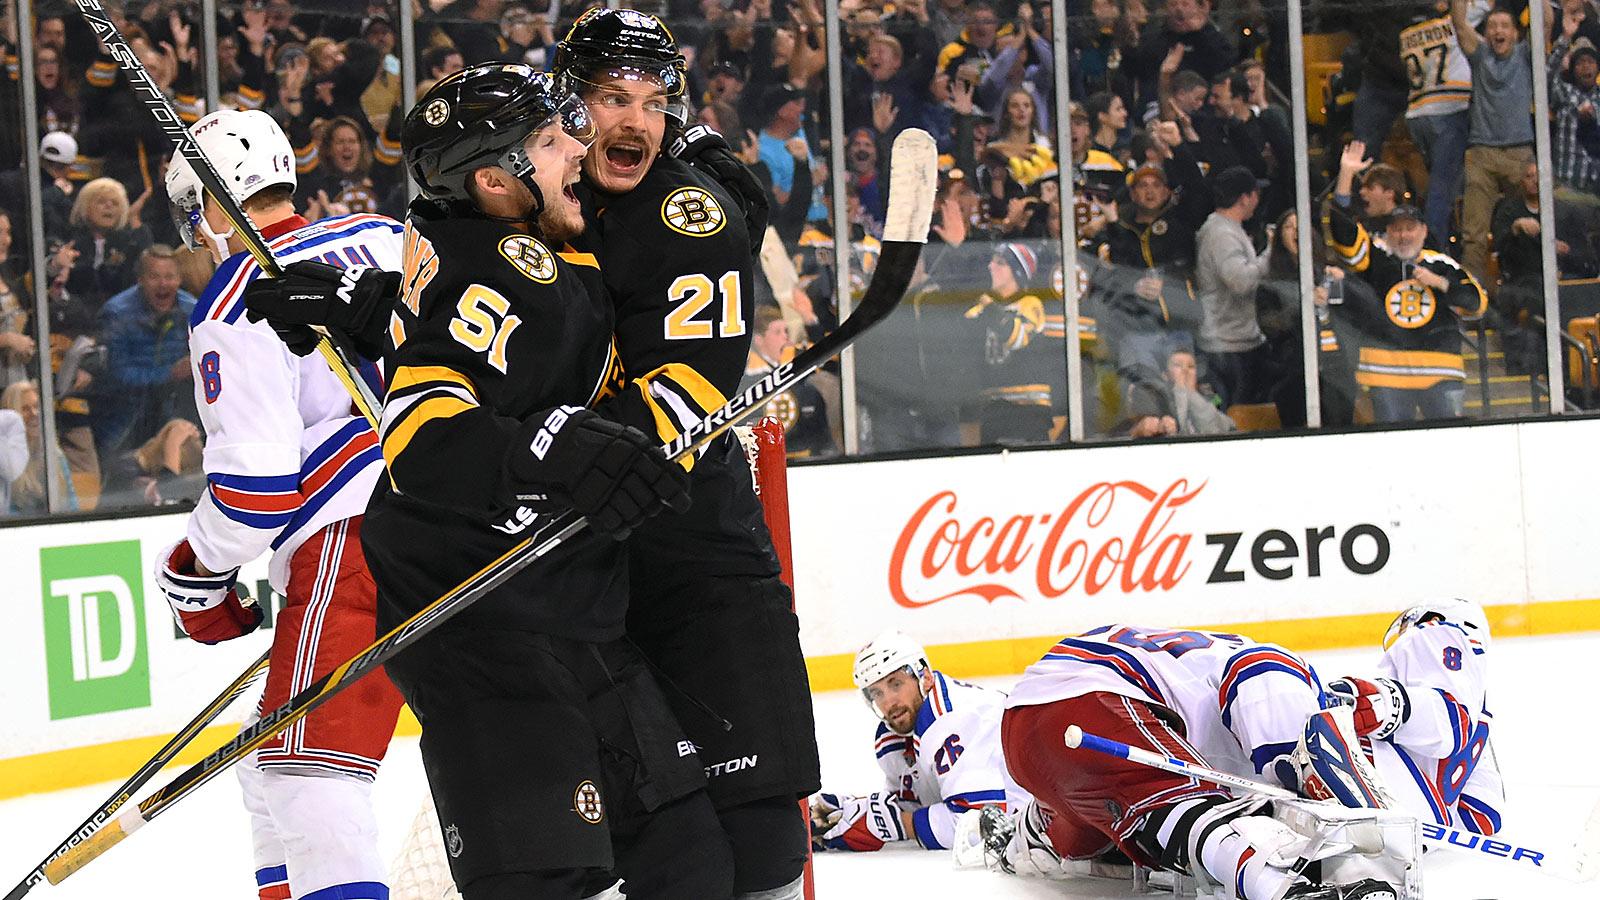 Bruins rally to beat Rangers, extend winning streak